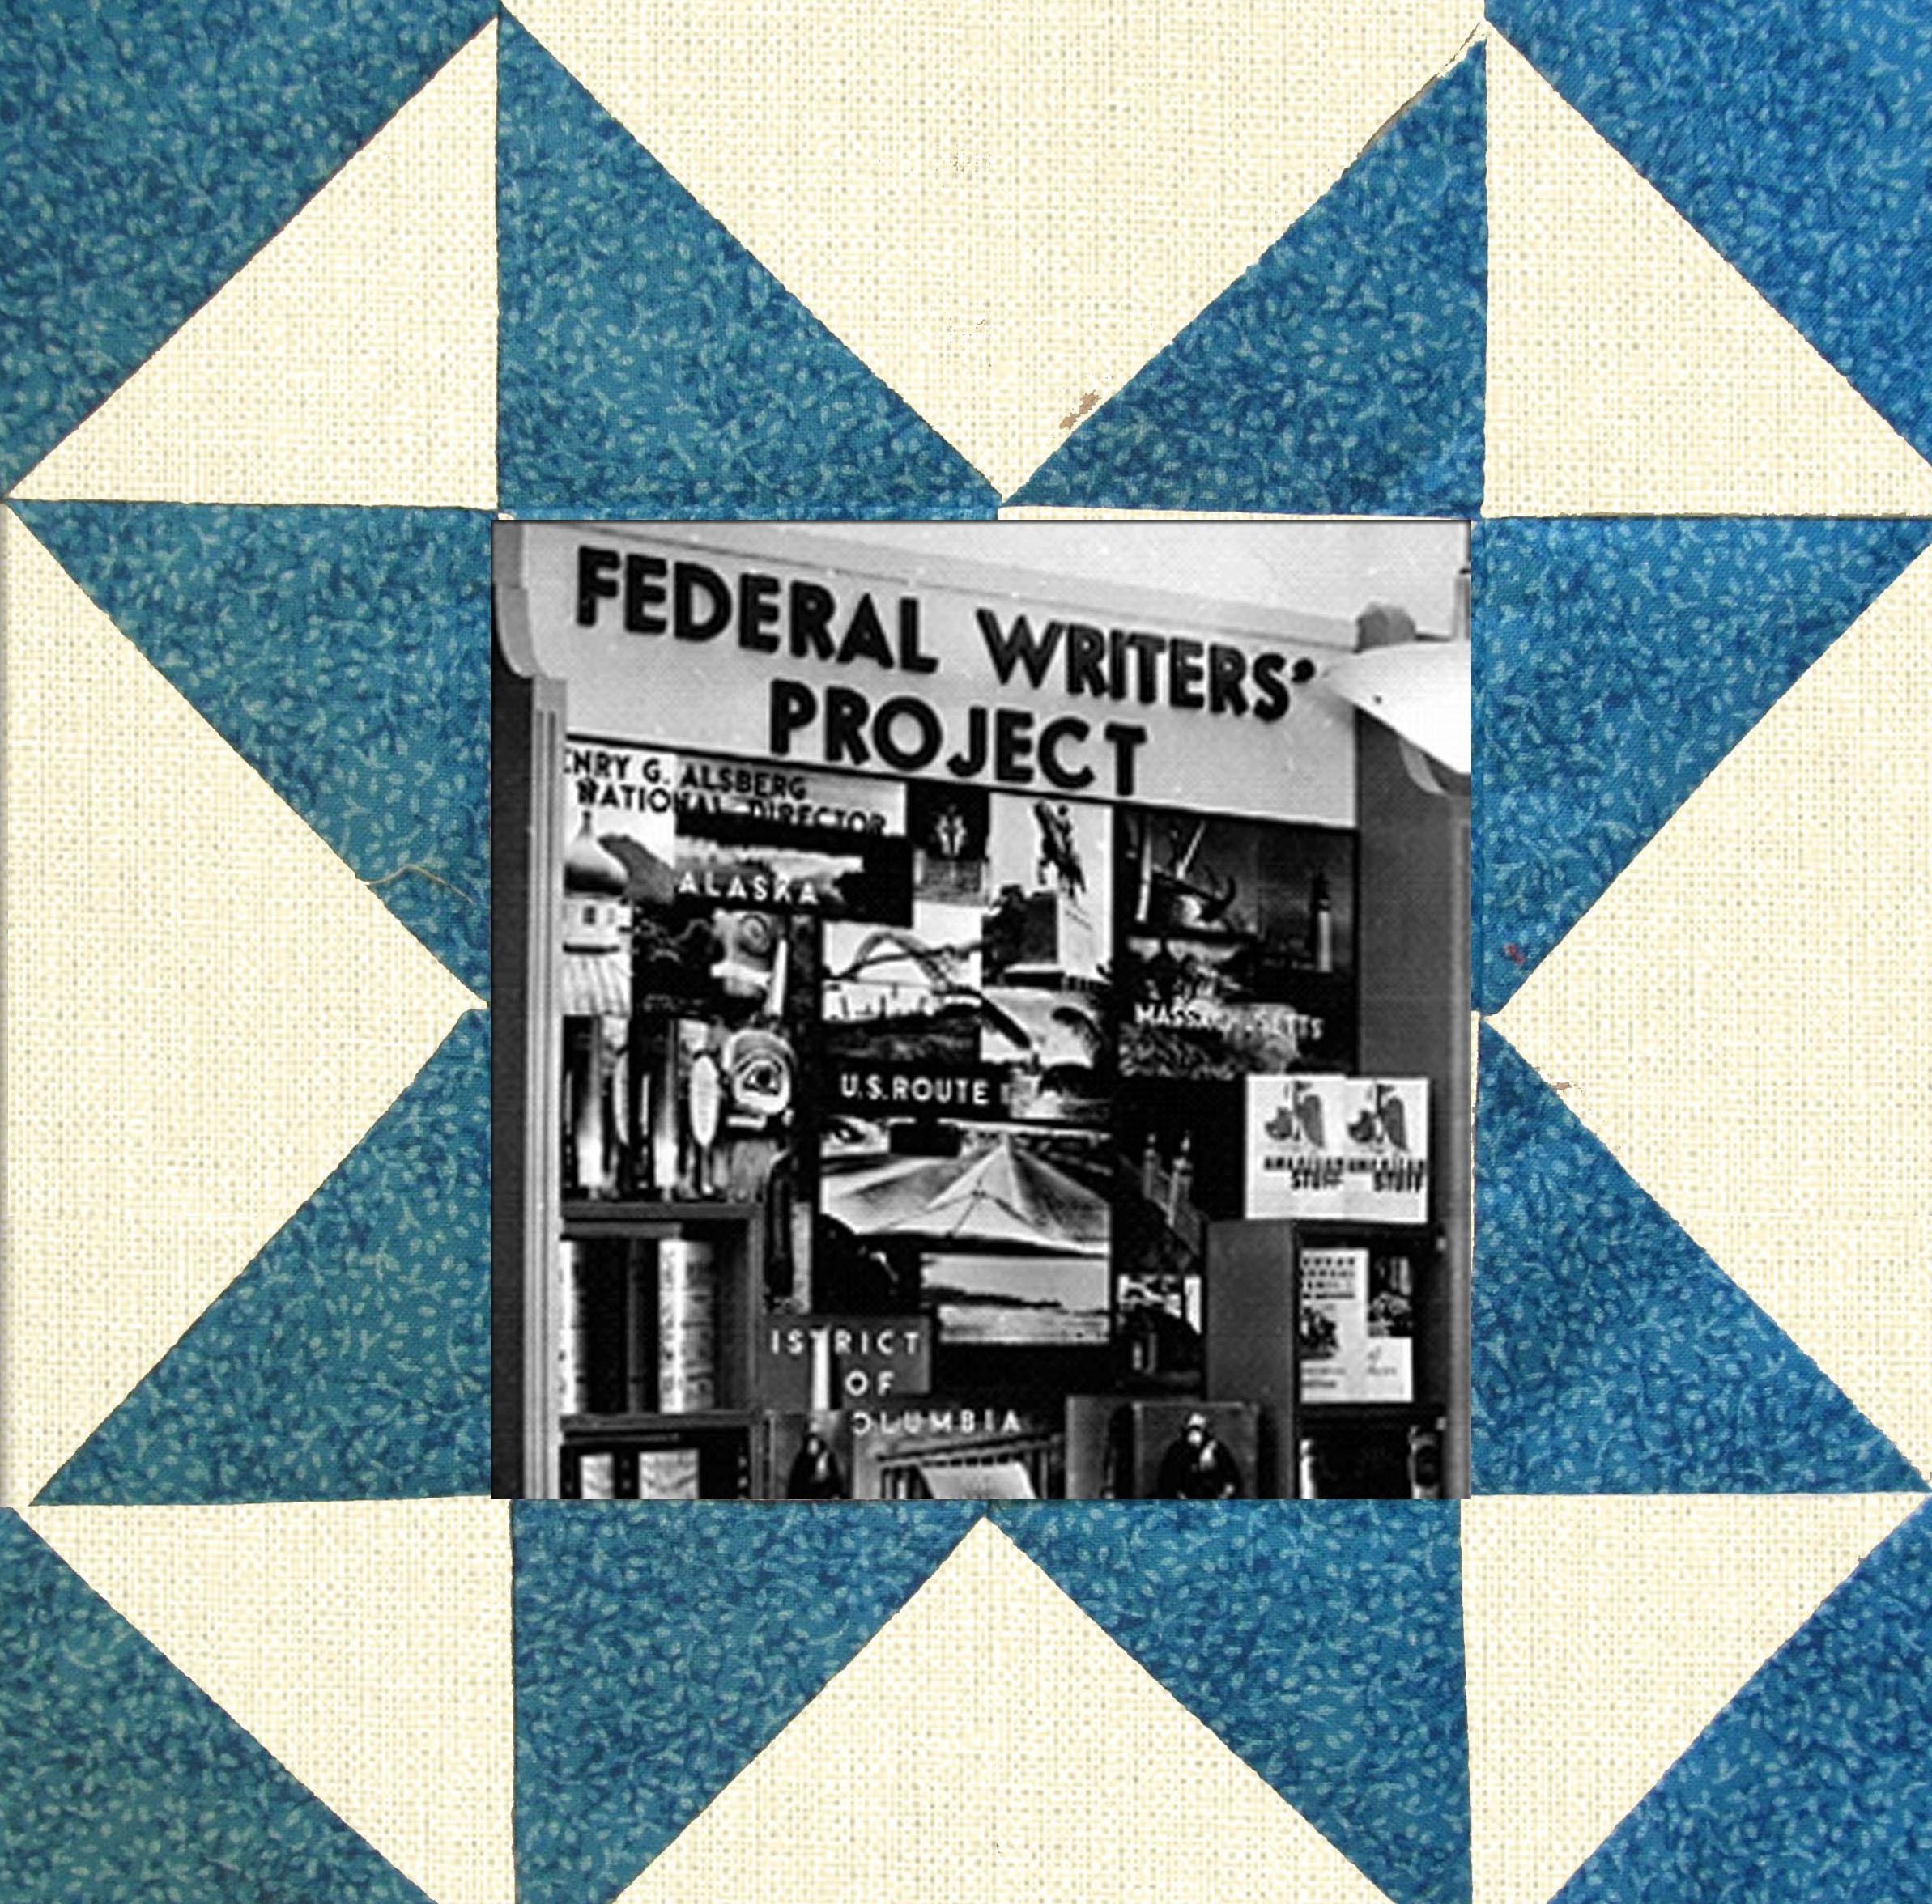 FWP square